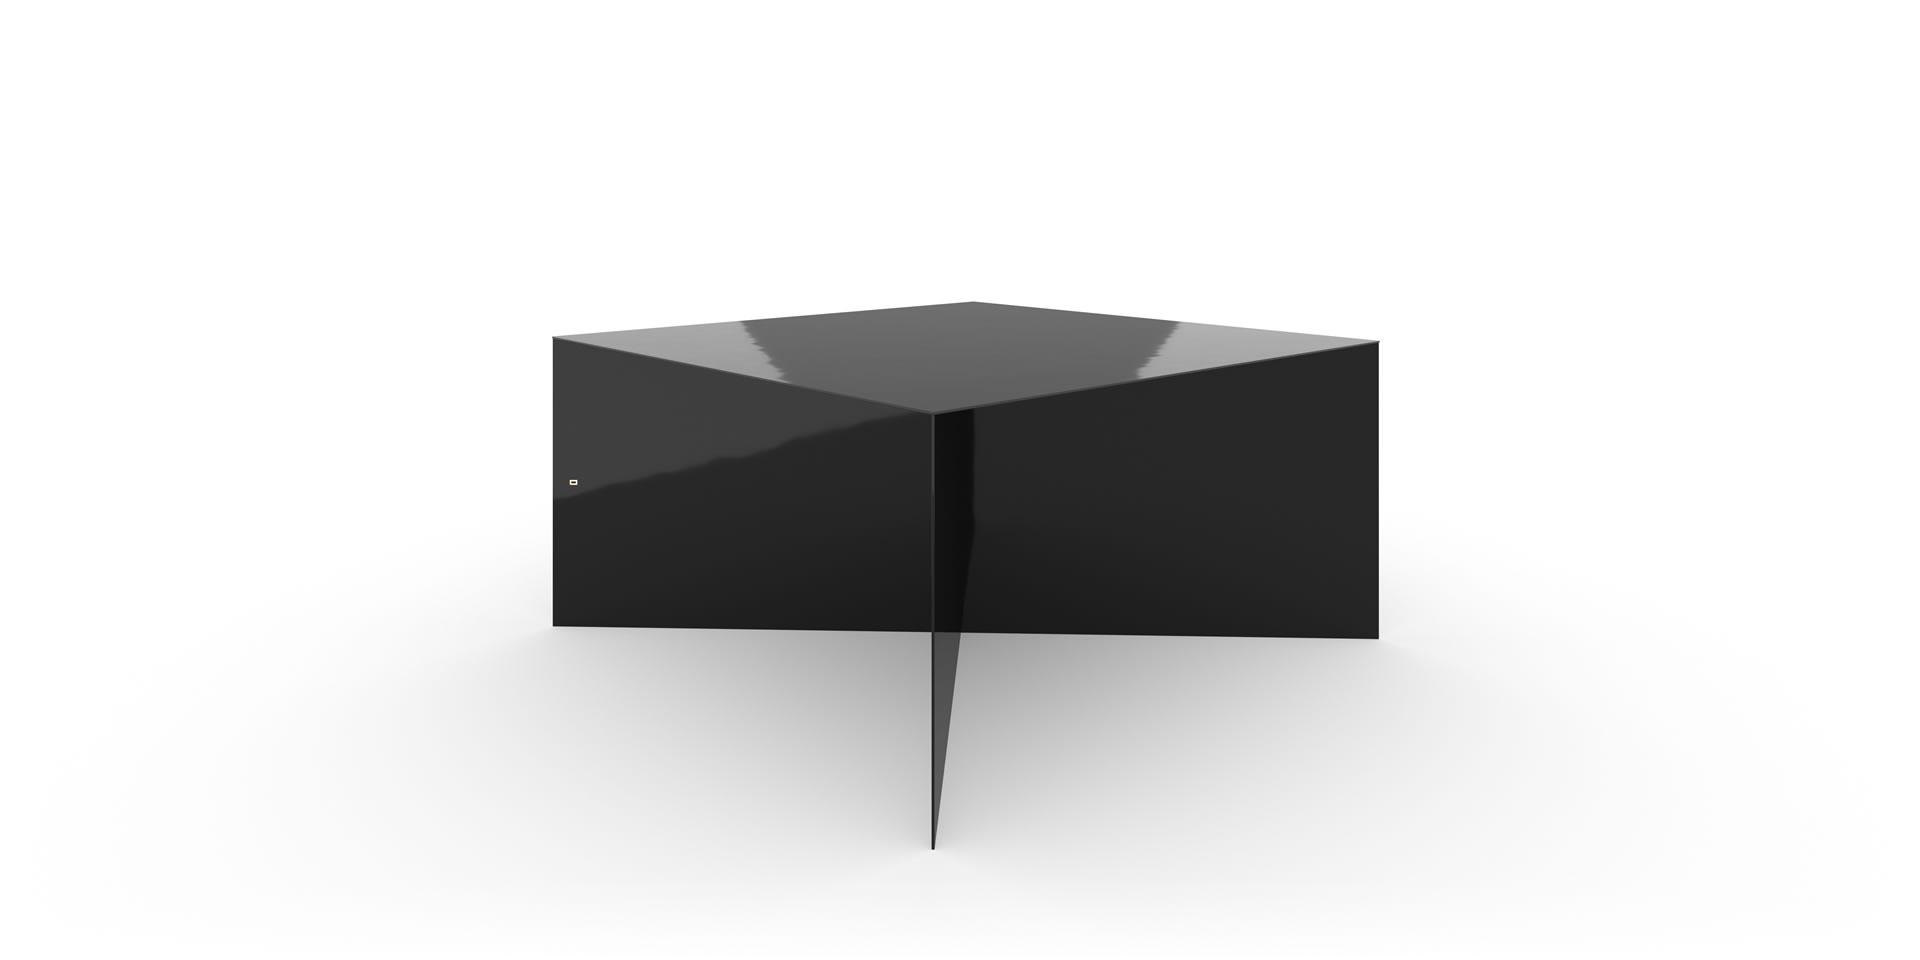 Design besprechungstisch x fu tisch klavierlack schwarz for Design tisch schwarz